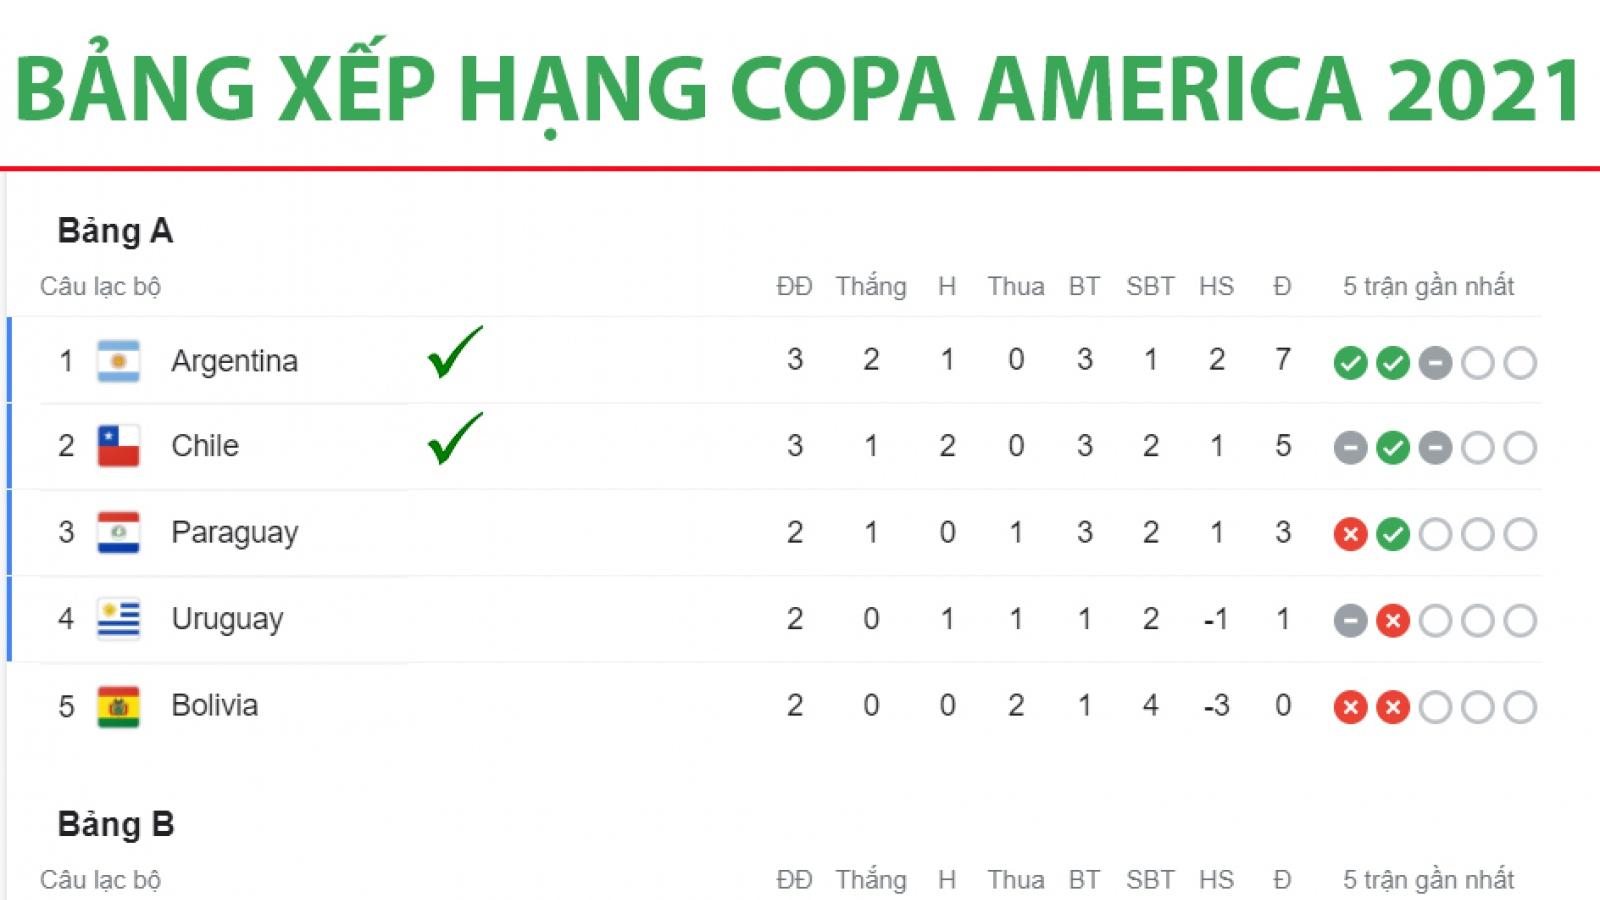 Bảng xếp hạng Copa America 2021 mới nhất: Brazil, Argentina và Chile vào tứ kết